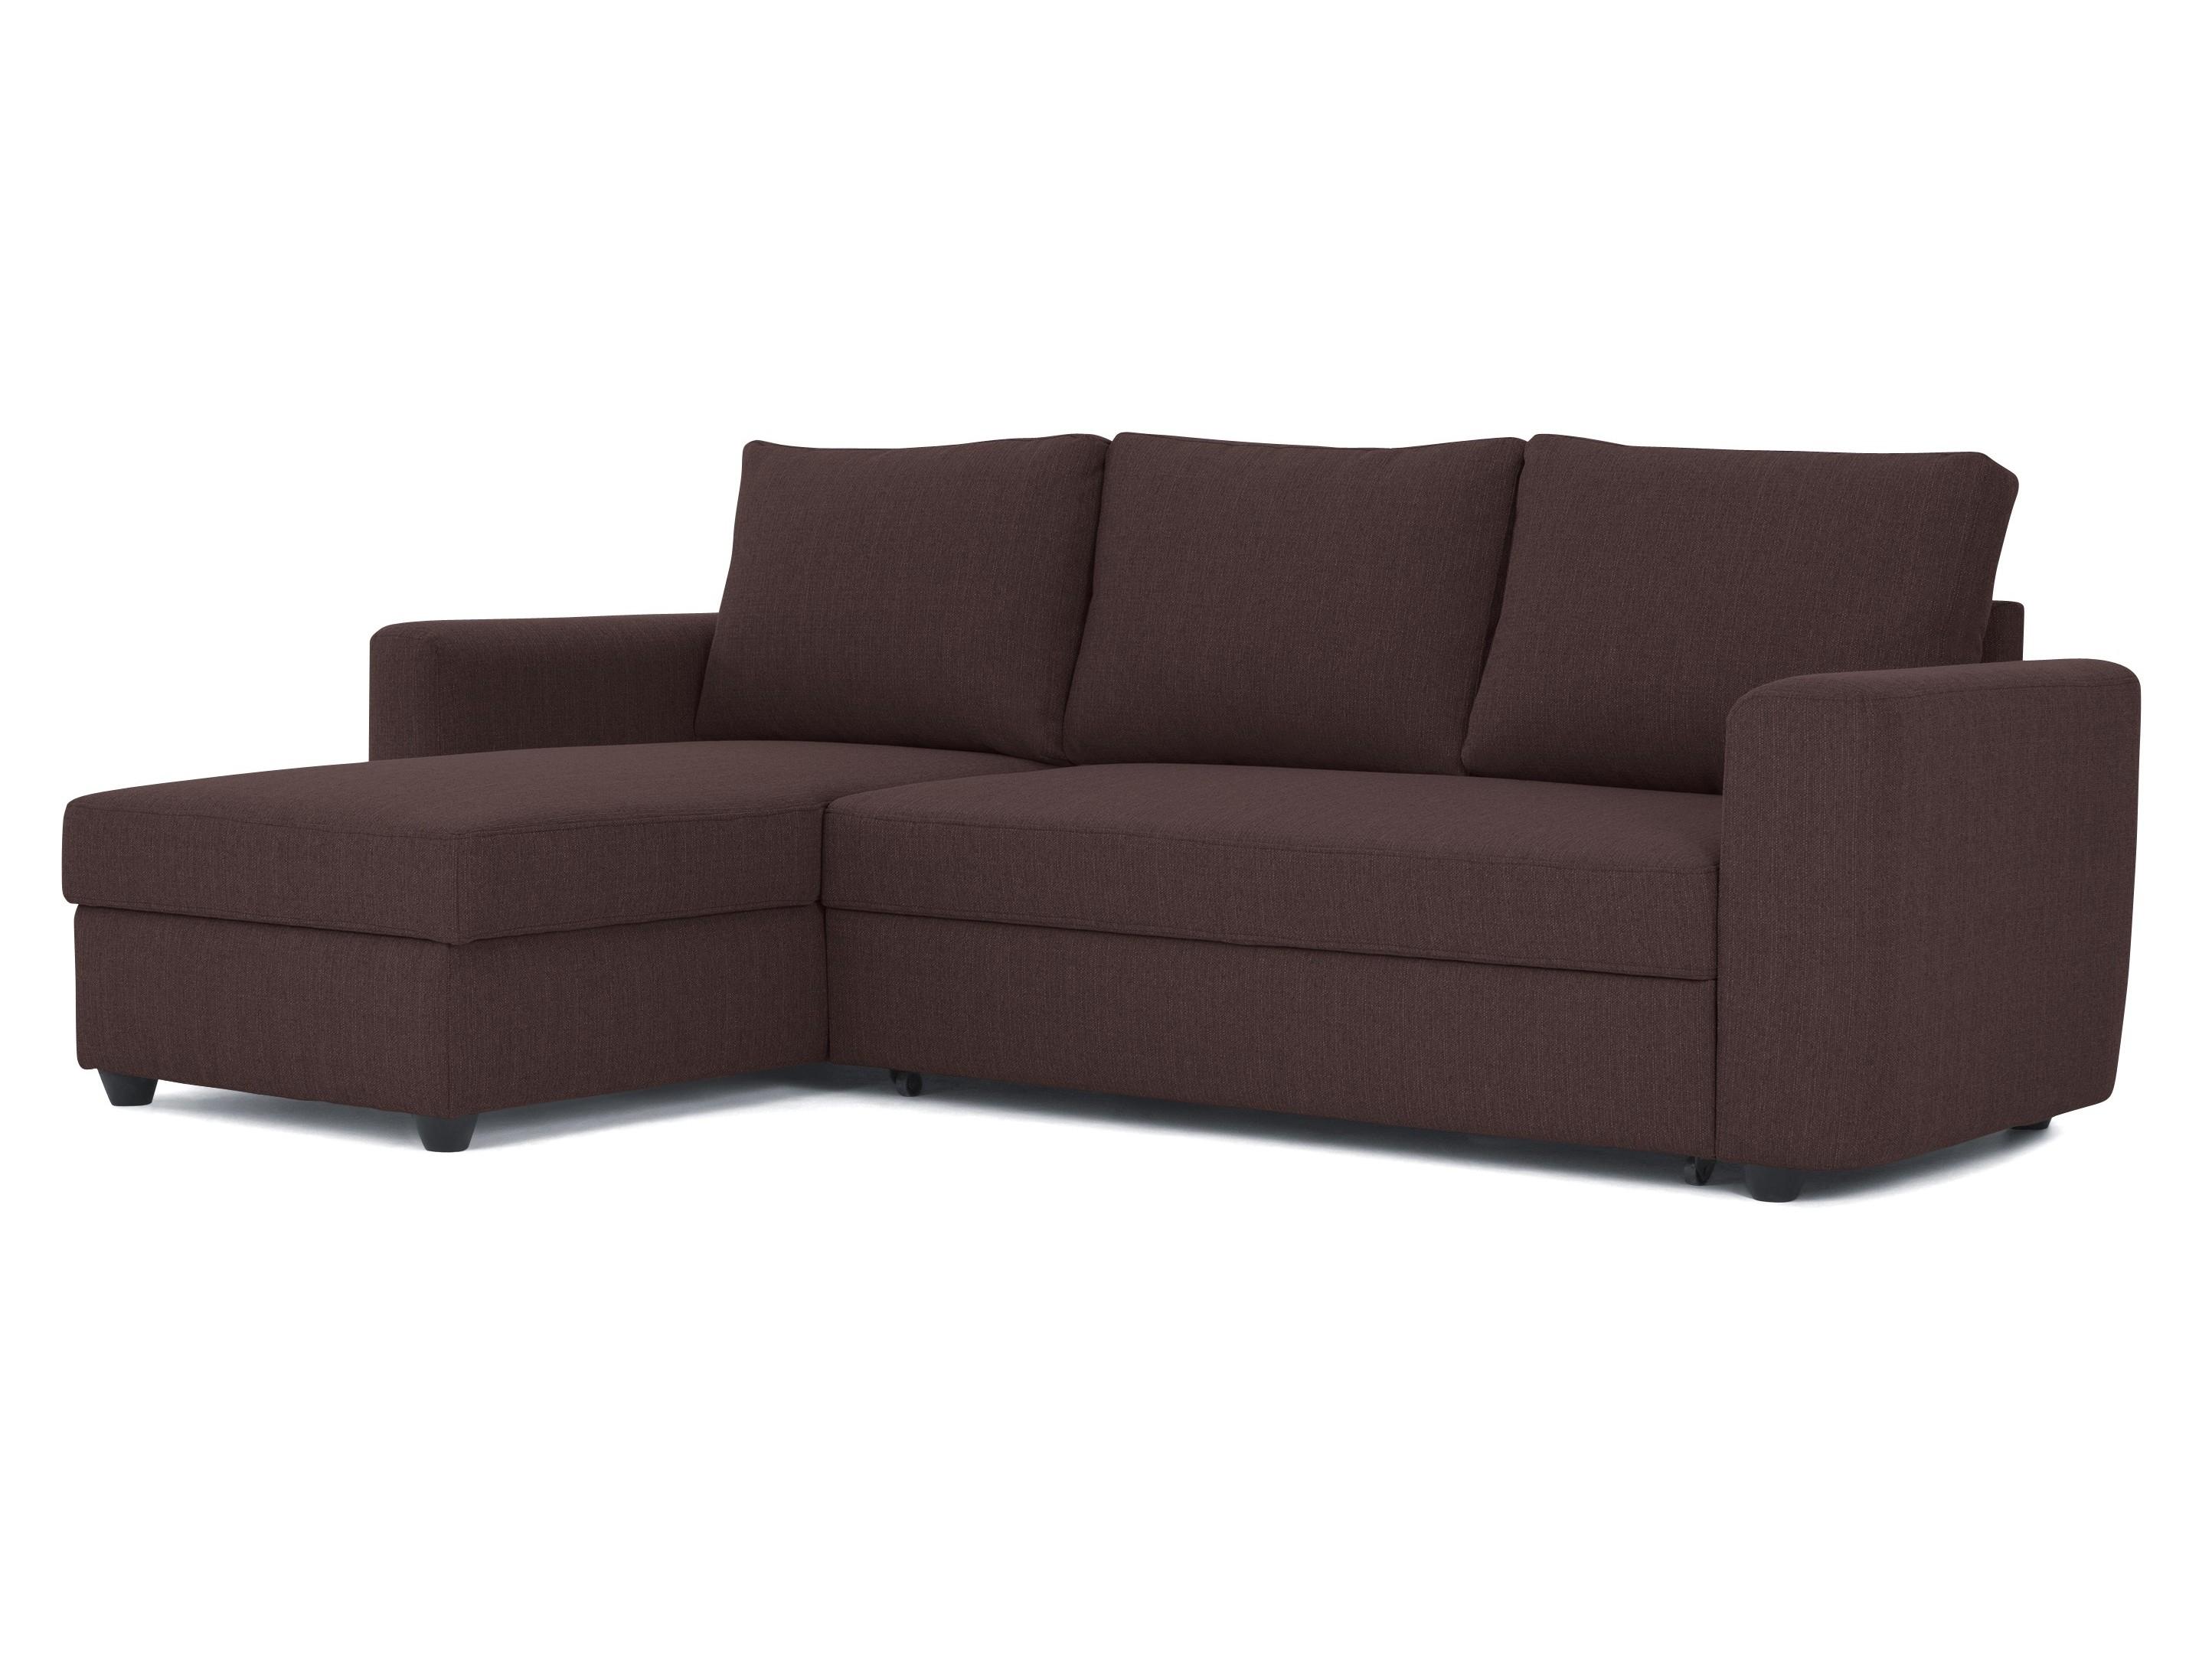 Myfurnish угловой диван-кровать marble коричневый 76809/11